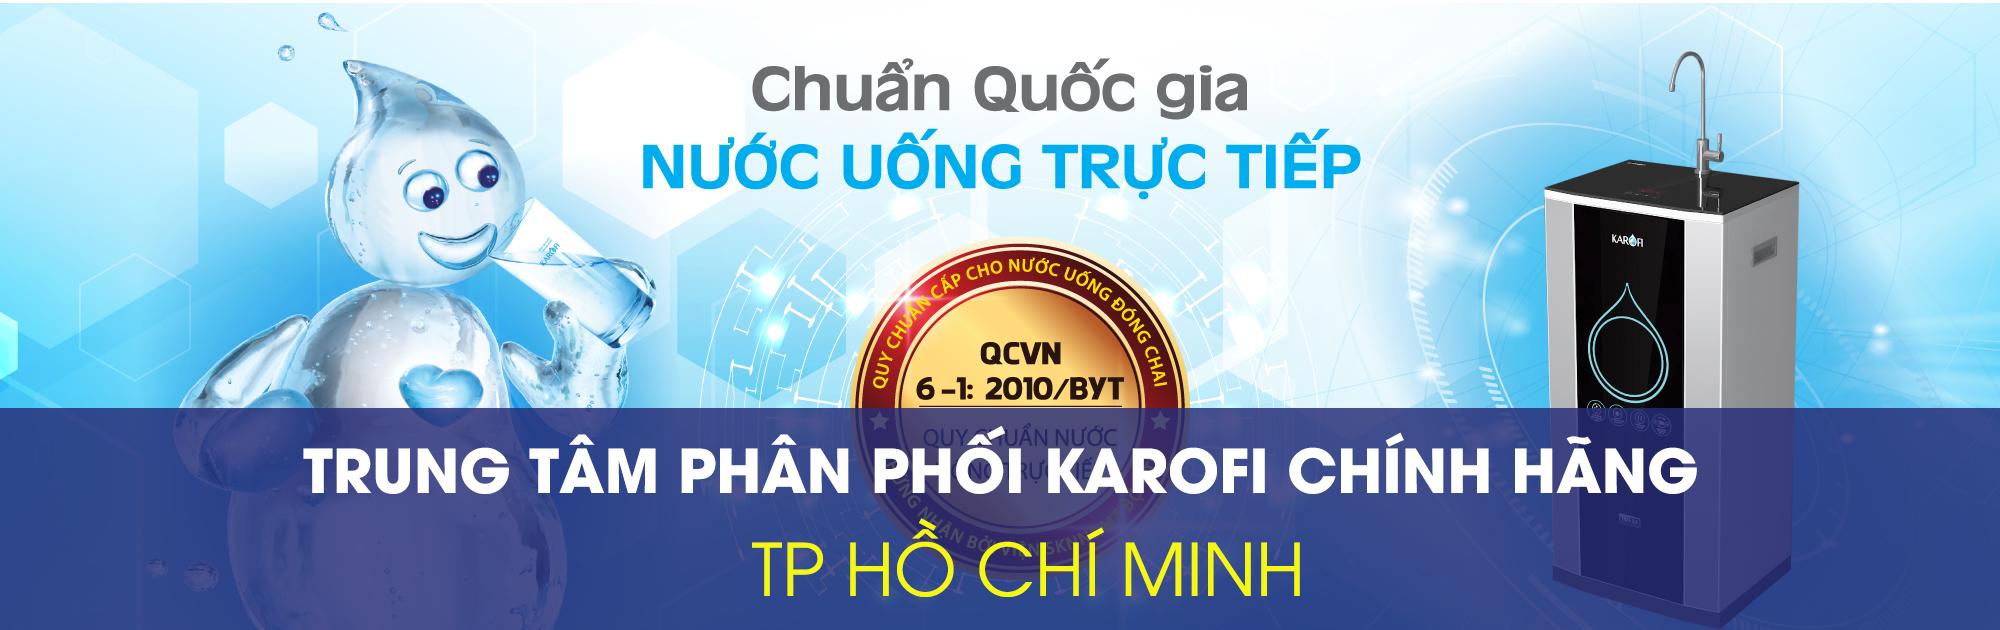 PHAN PHOI KAROFI CHINH HANG TP HCM